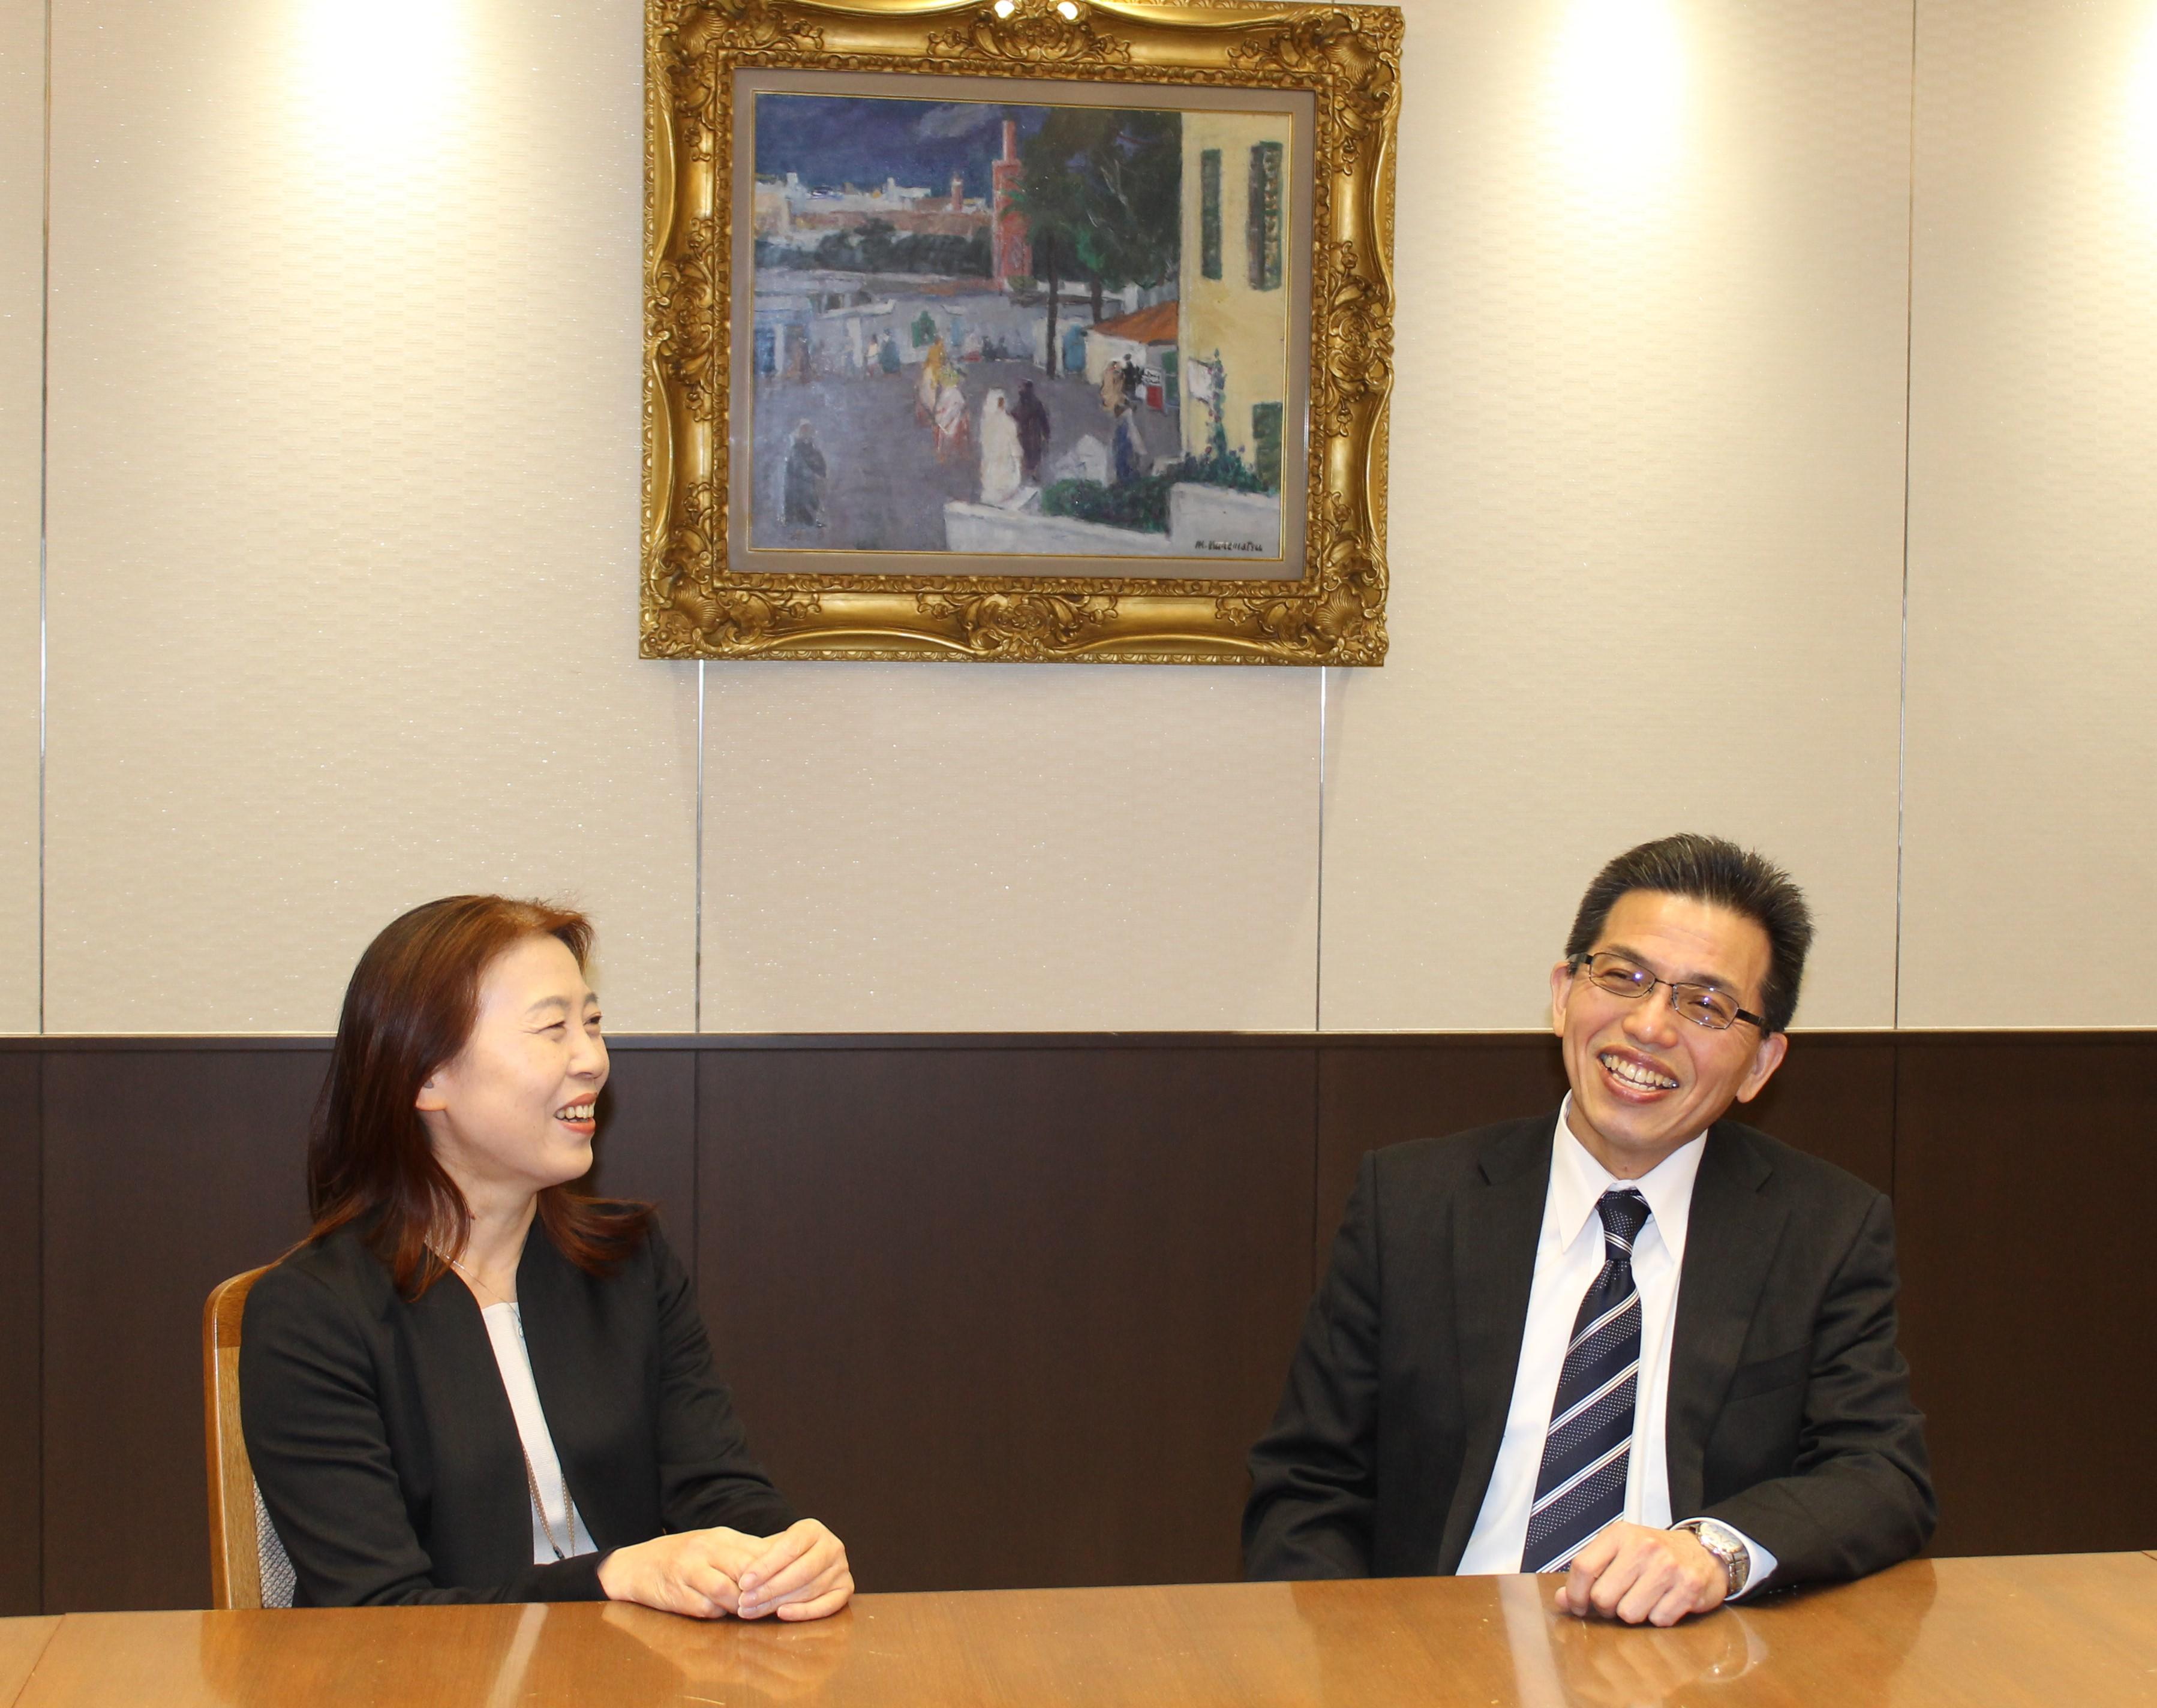 東京高速道路株式会社の企画統括部長の花木様(左)と総務部長の長谷川様(右)